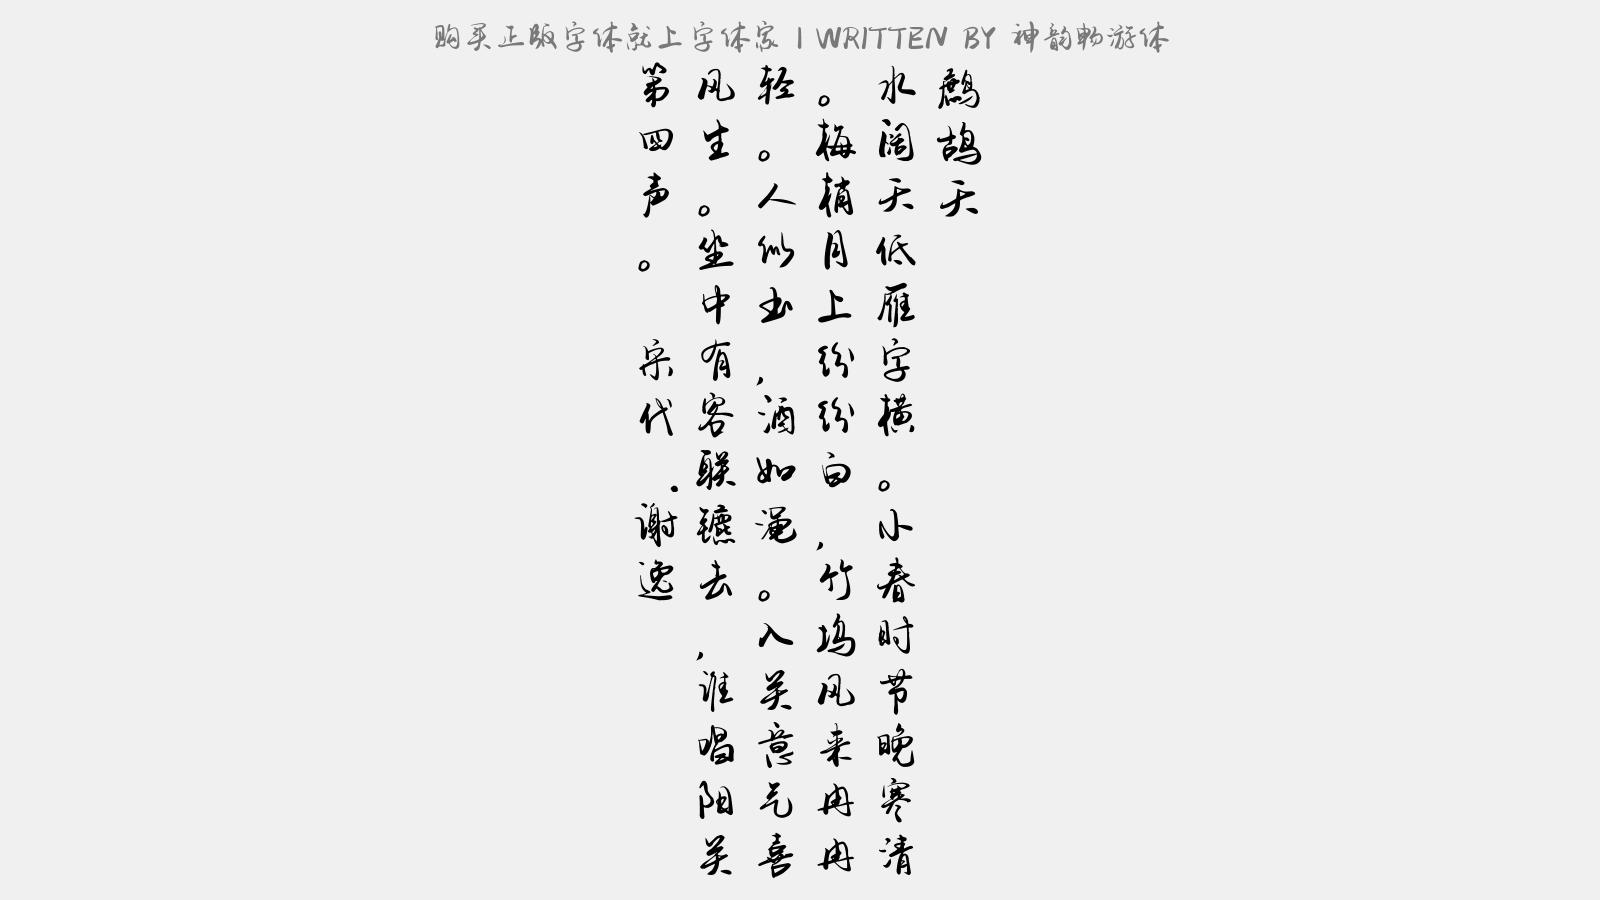 神韻暢游體 - 鷓鴣天